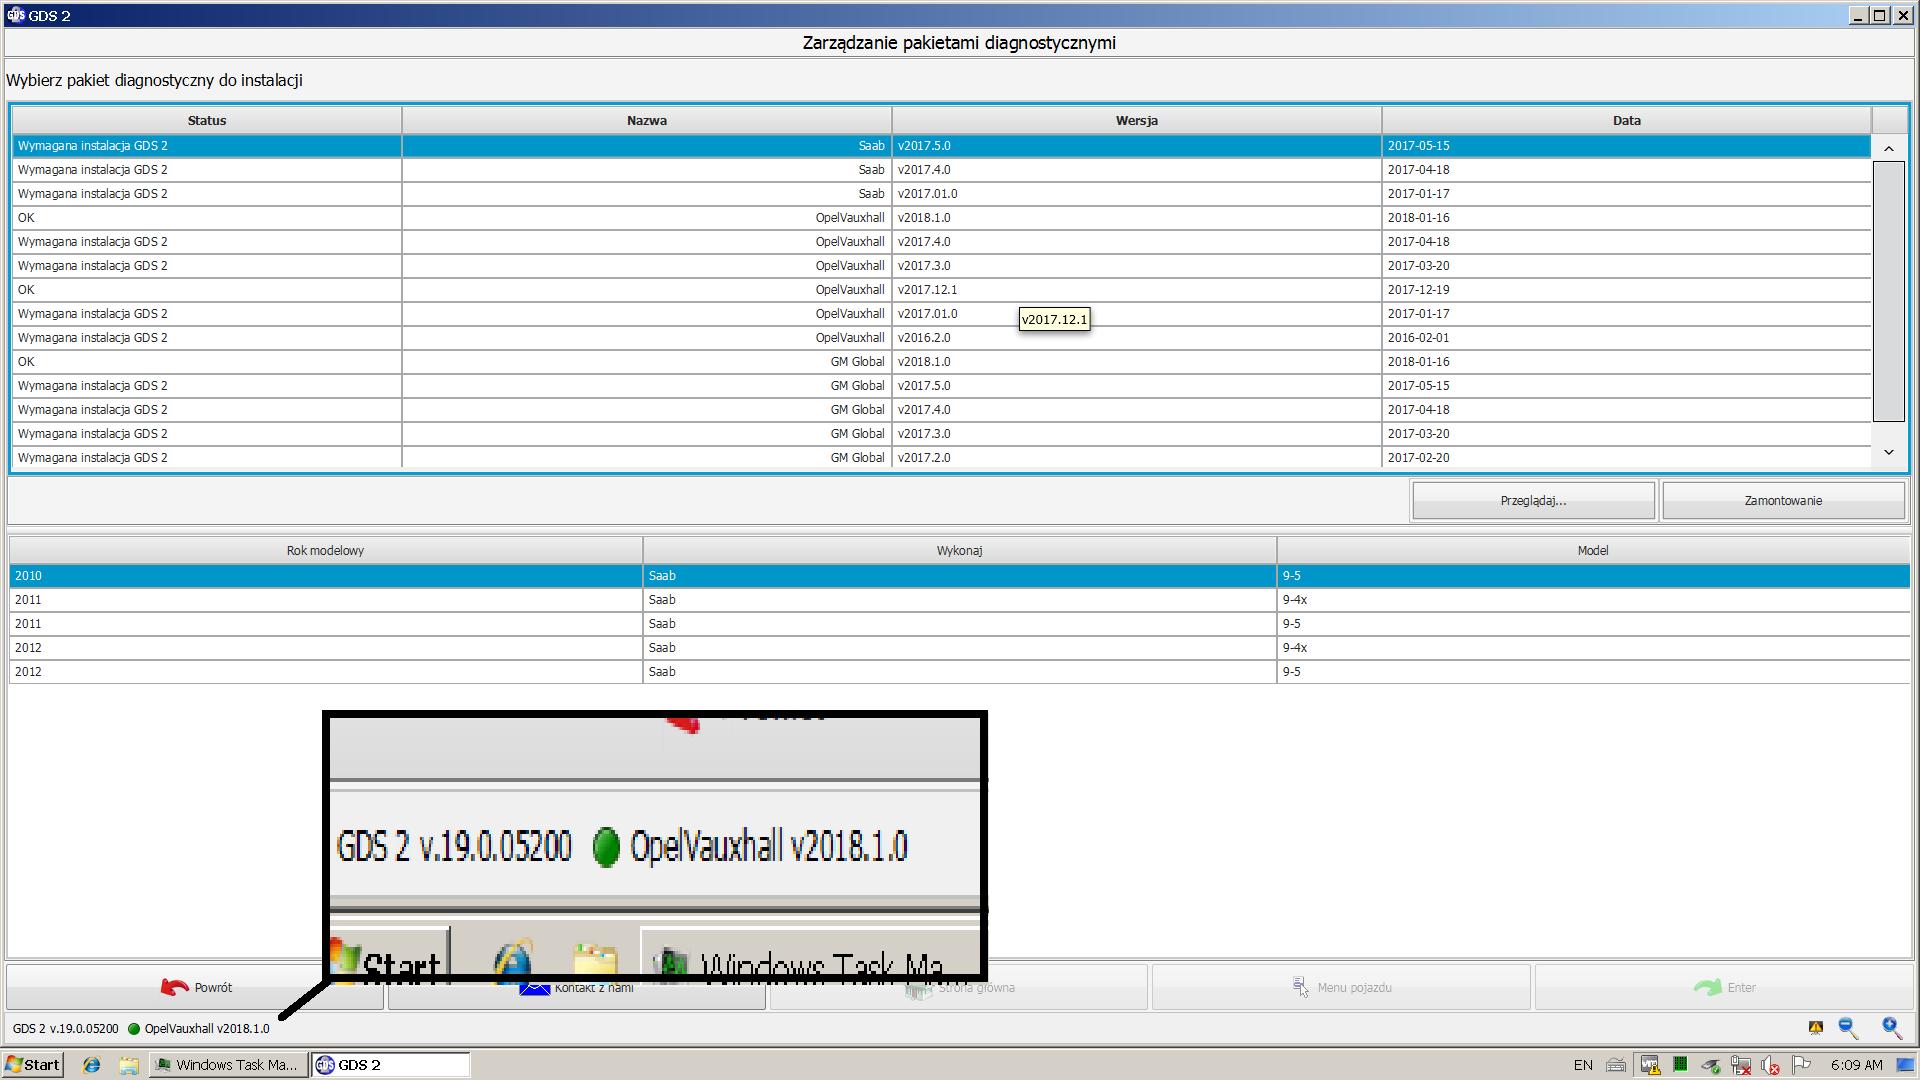 3xDVD GDS2 GM MDI TECH2WIN OPEL SAAB WIFI GlobalTI